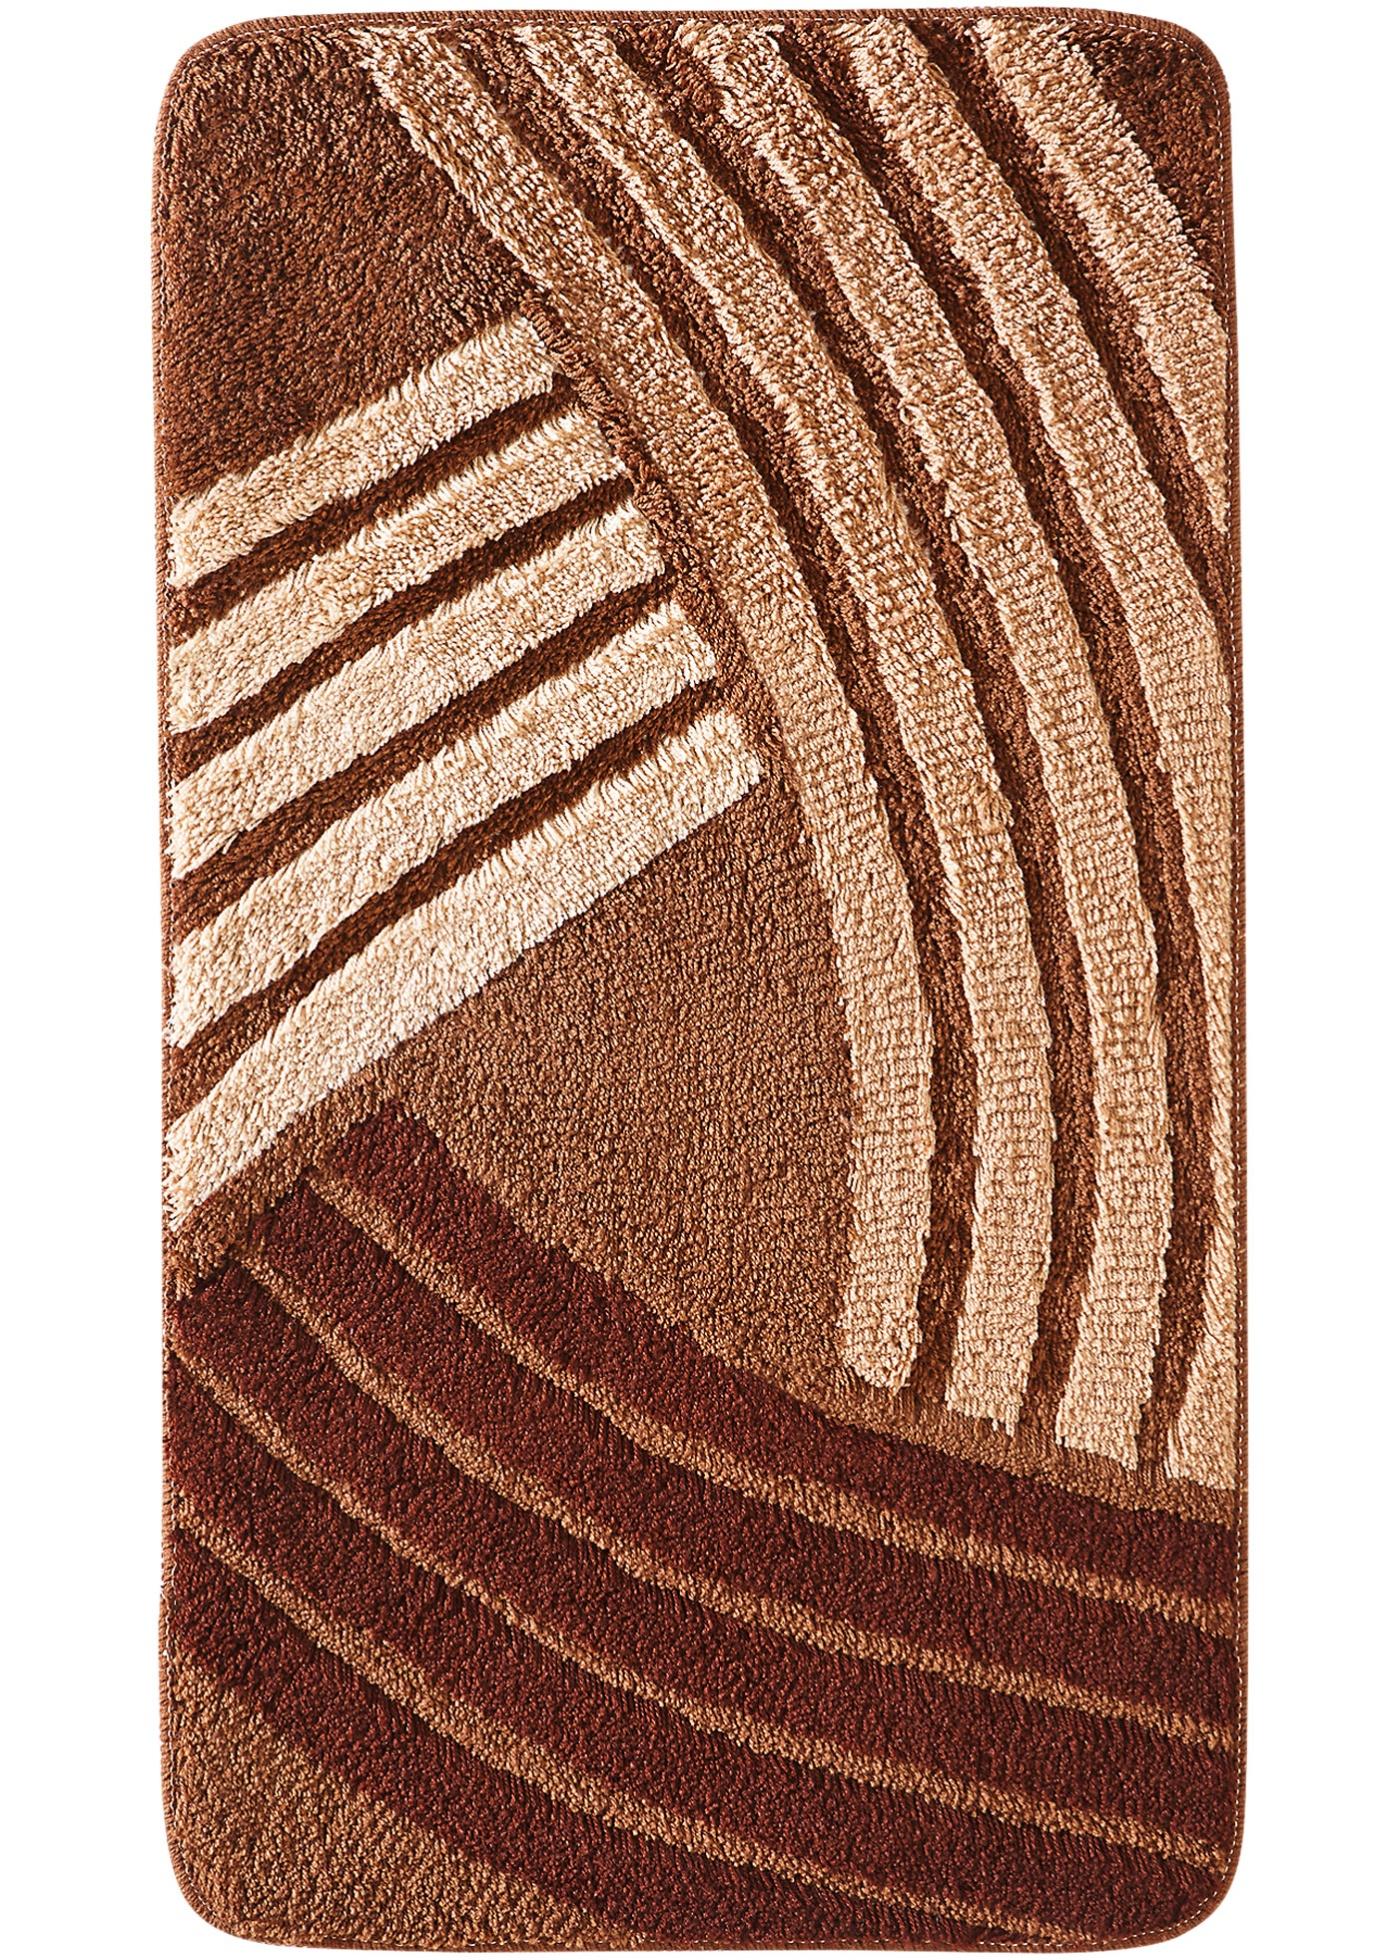 Koupelnový koberec Finja - Hnědá